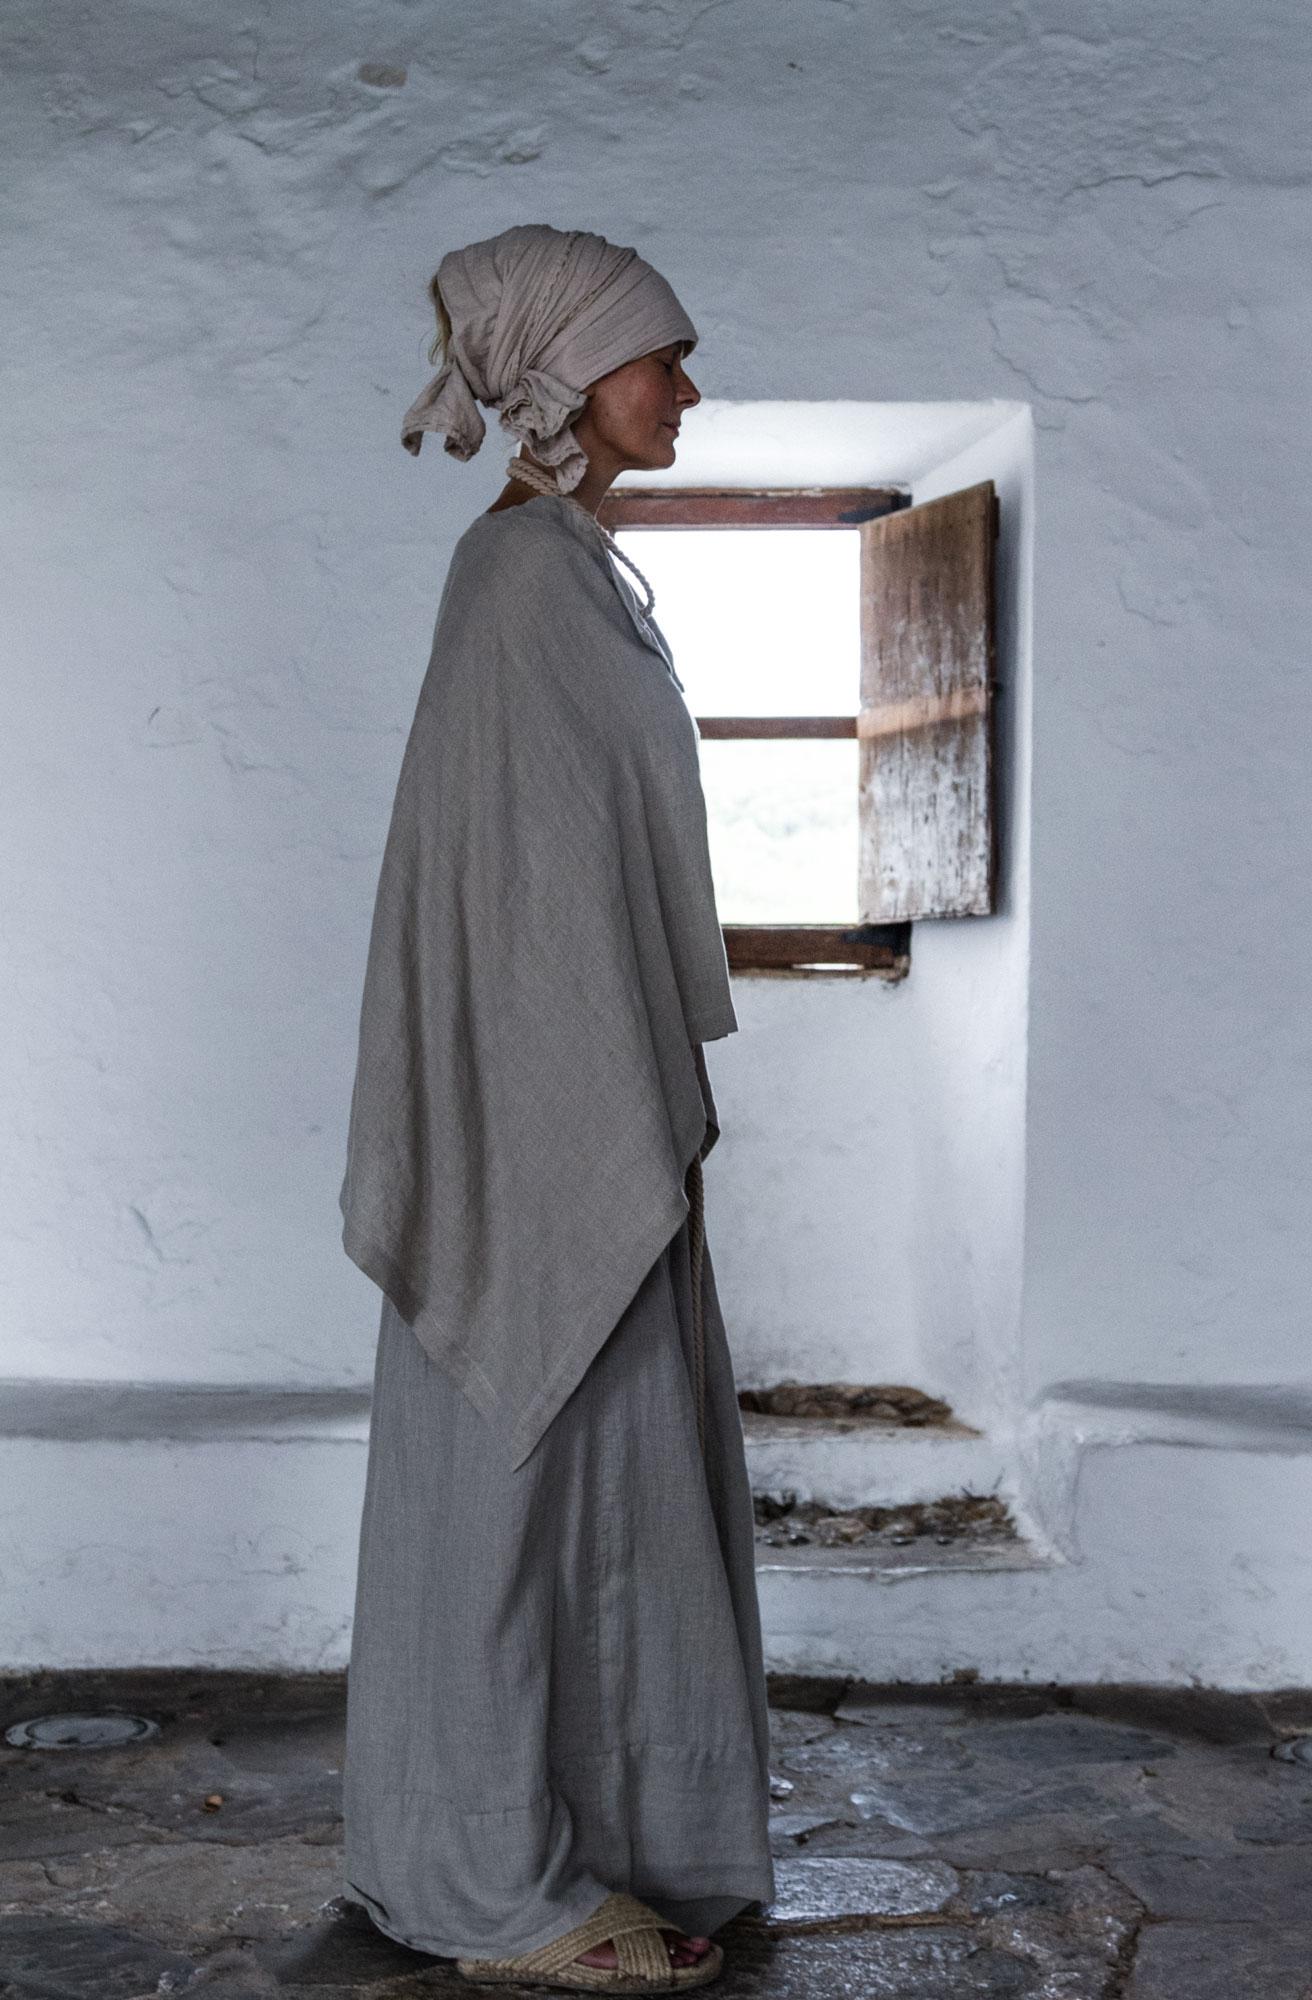 Los campos de Ibiza han inspirado a Camila para diseñar su nueva colección que huele a Mediterráneo. - Fotografía: Maria Santos Photography